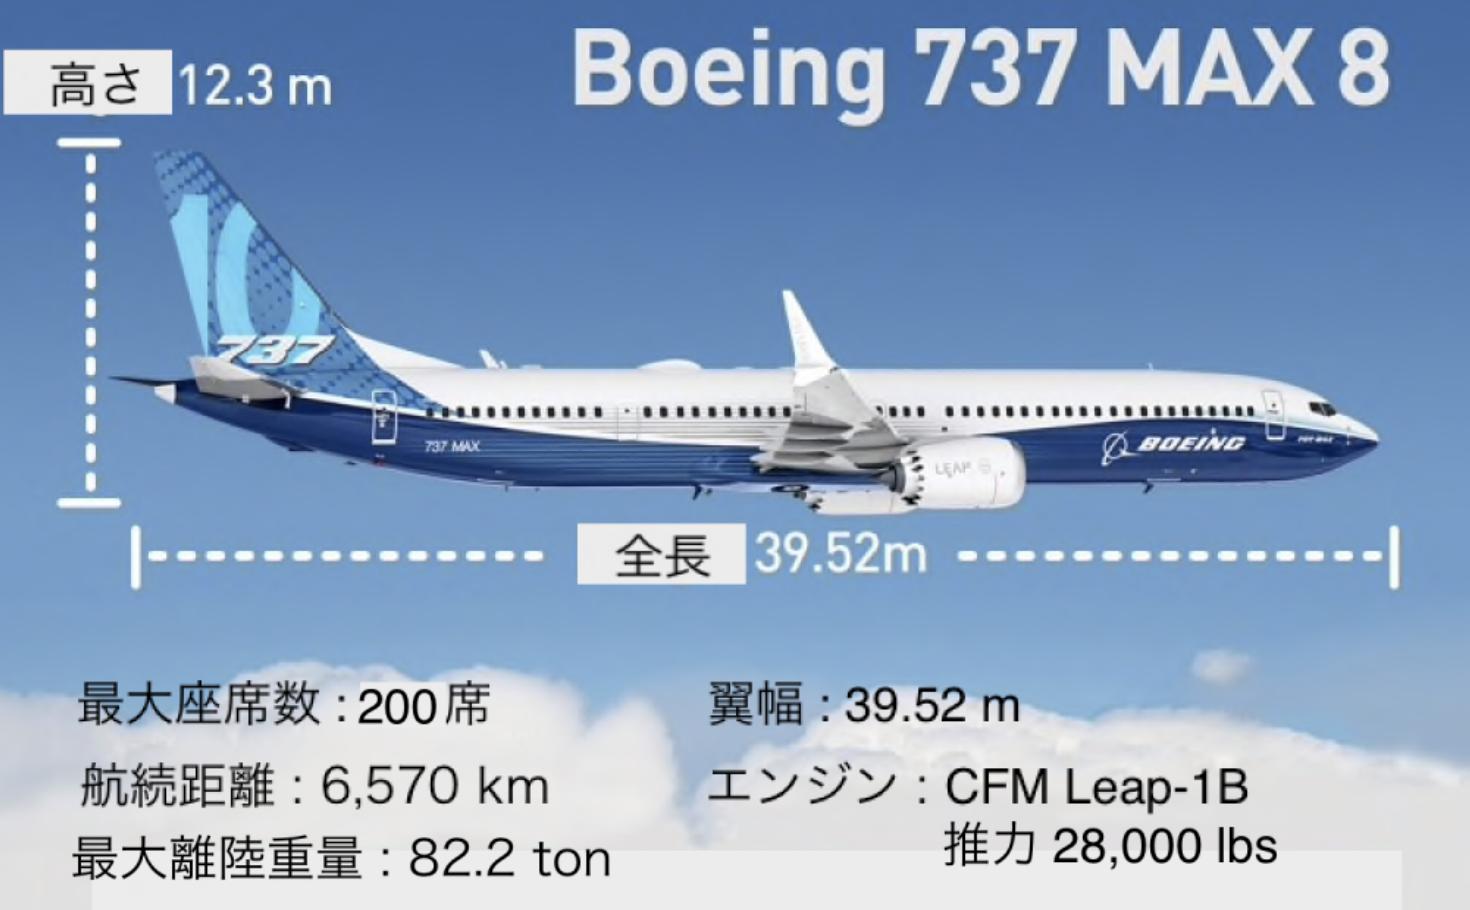 【BA】世界最大の航空機メーカー『ボーイング』!今後の株価の見通しについて検証します。